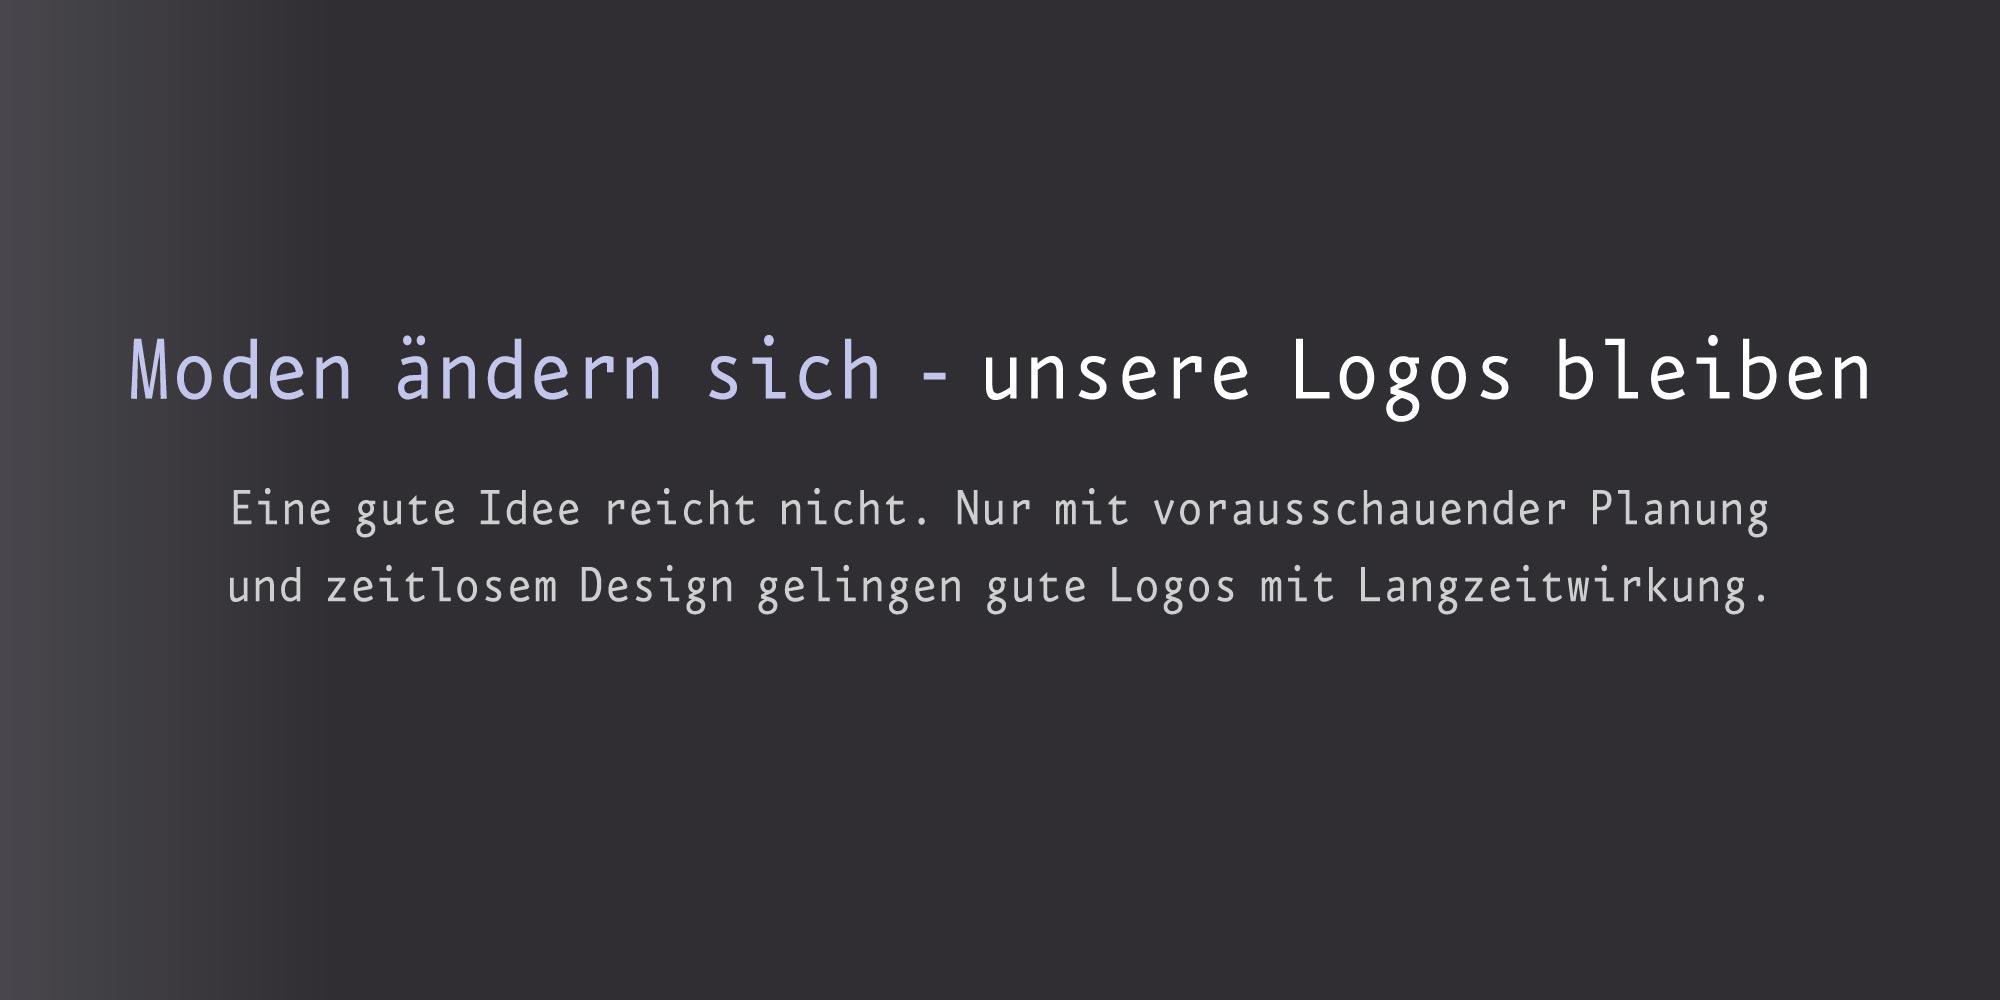 Agentur für Logos Firmenlogos erstellen die langlebig sind